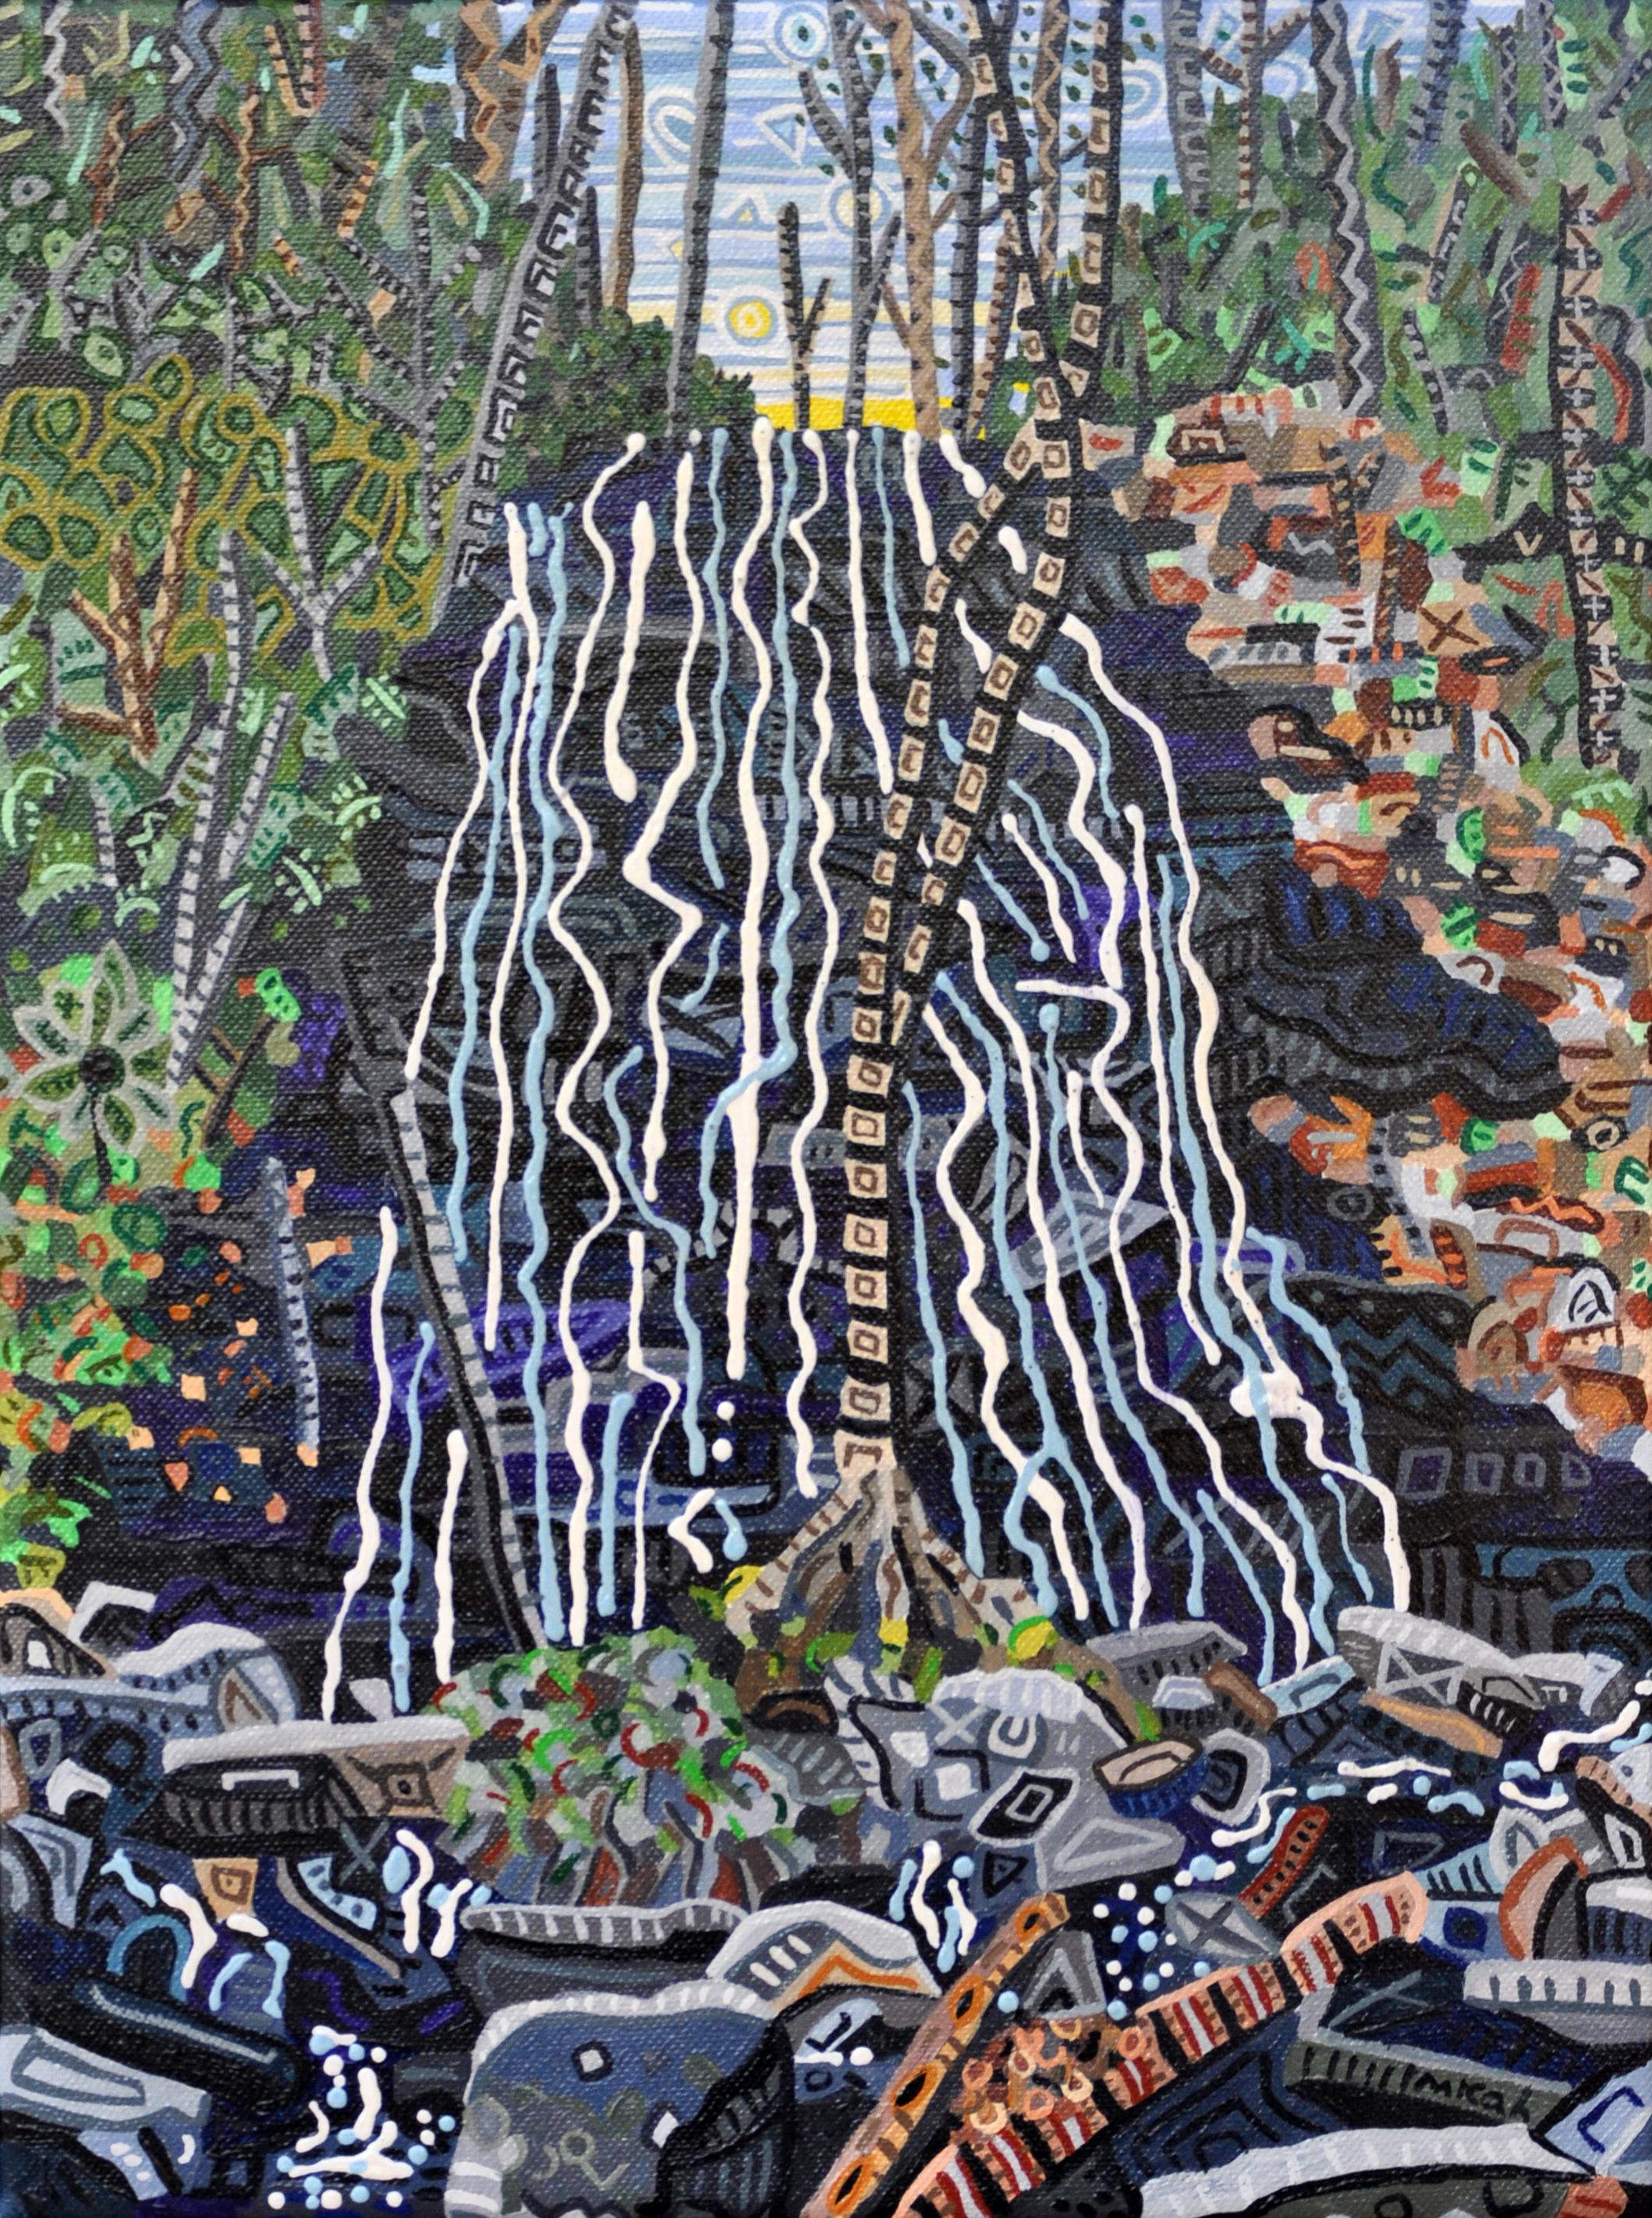 Micah Mullen - More Artwork of Western North Carolina (2)